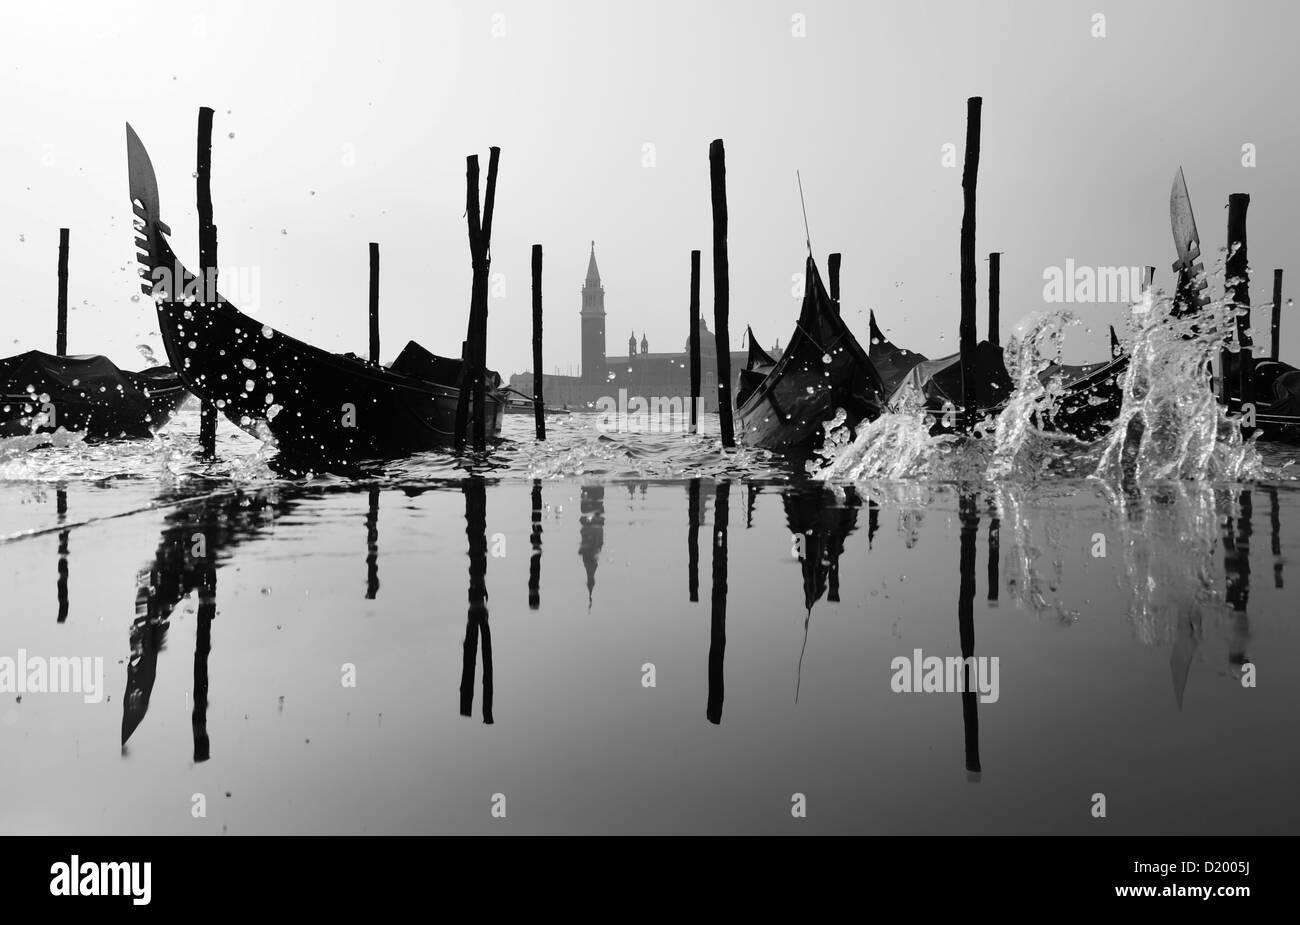 Gondolas, water spray, San Giorgio Maggiore, Venice, Italy - Stock Image